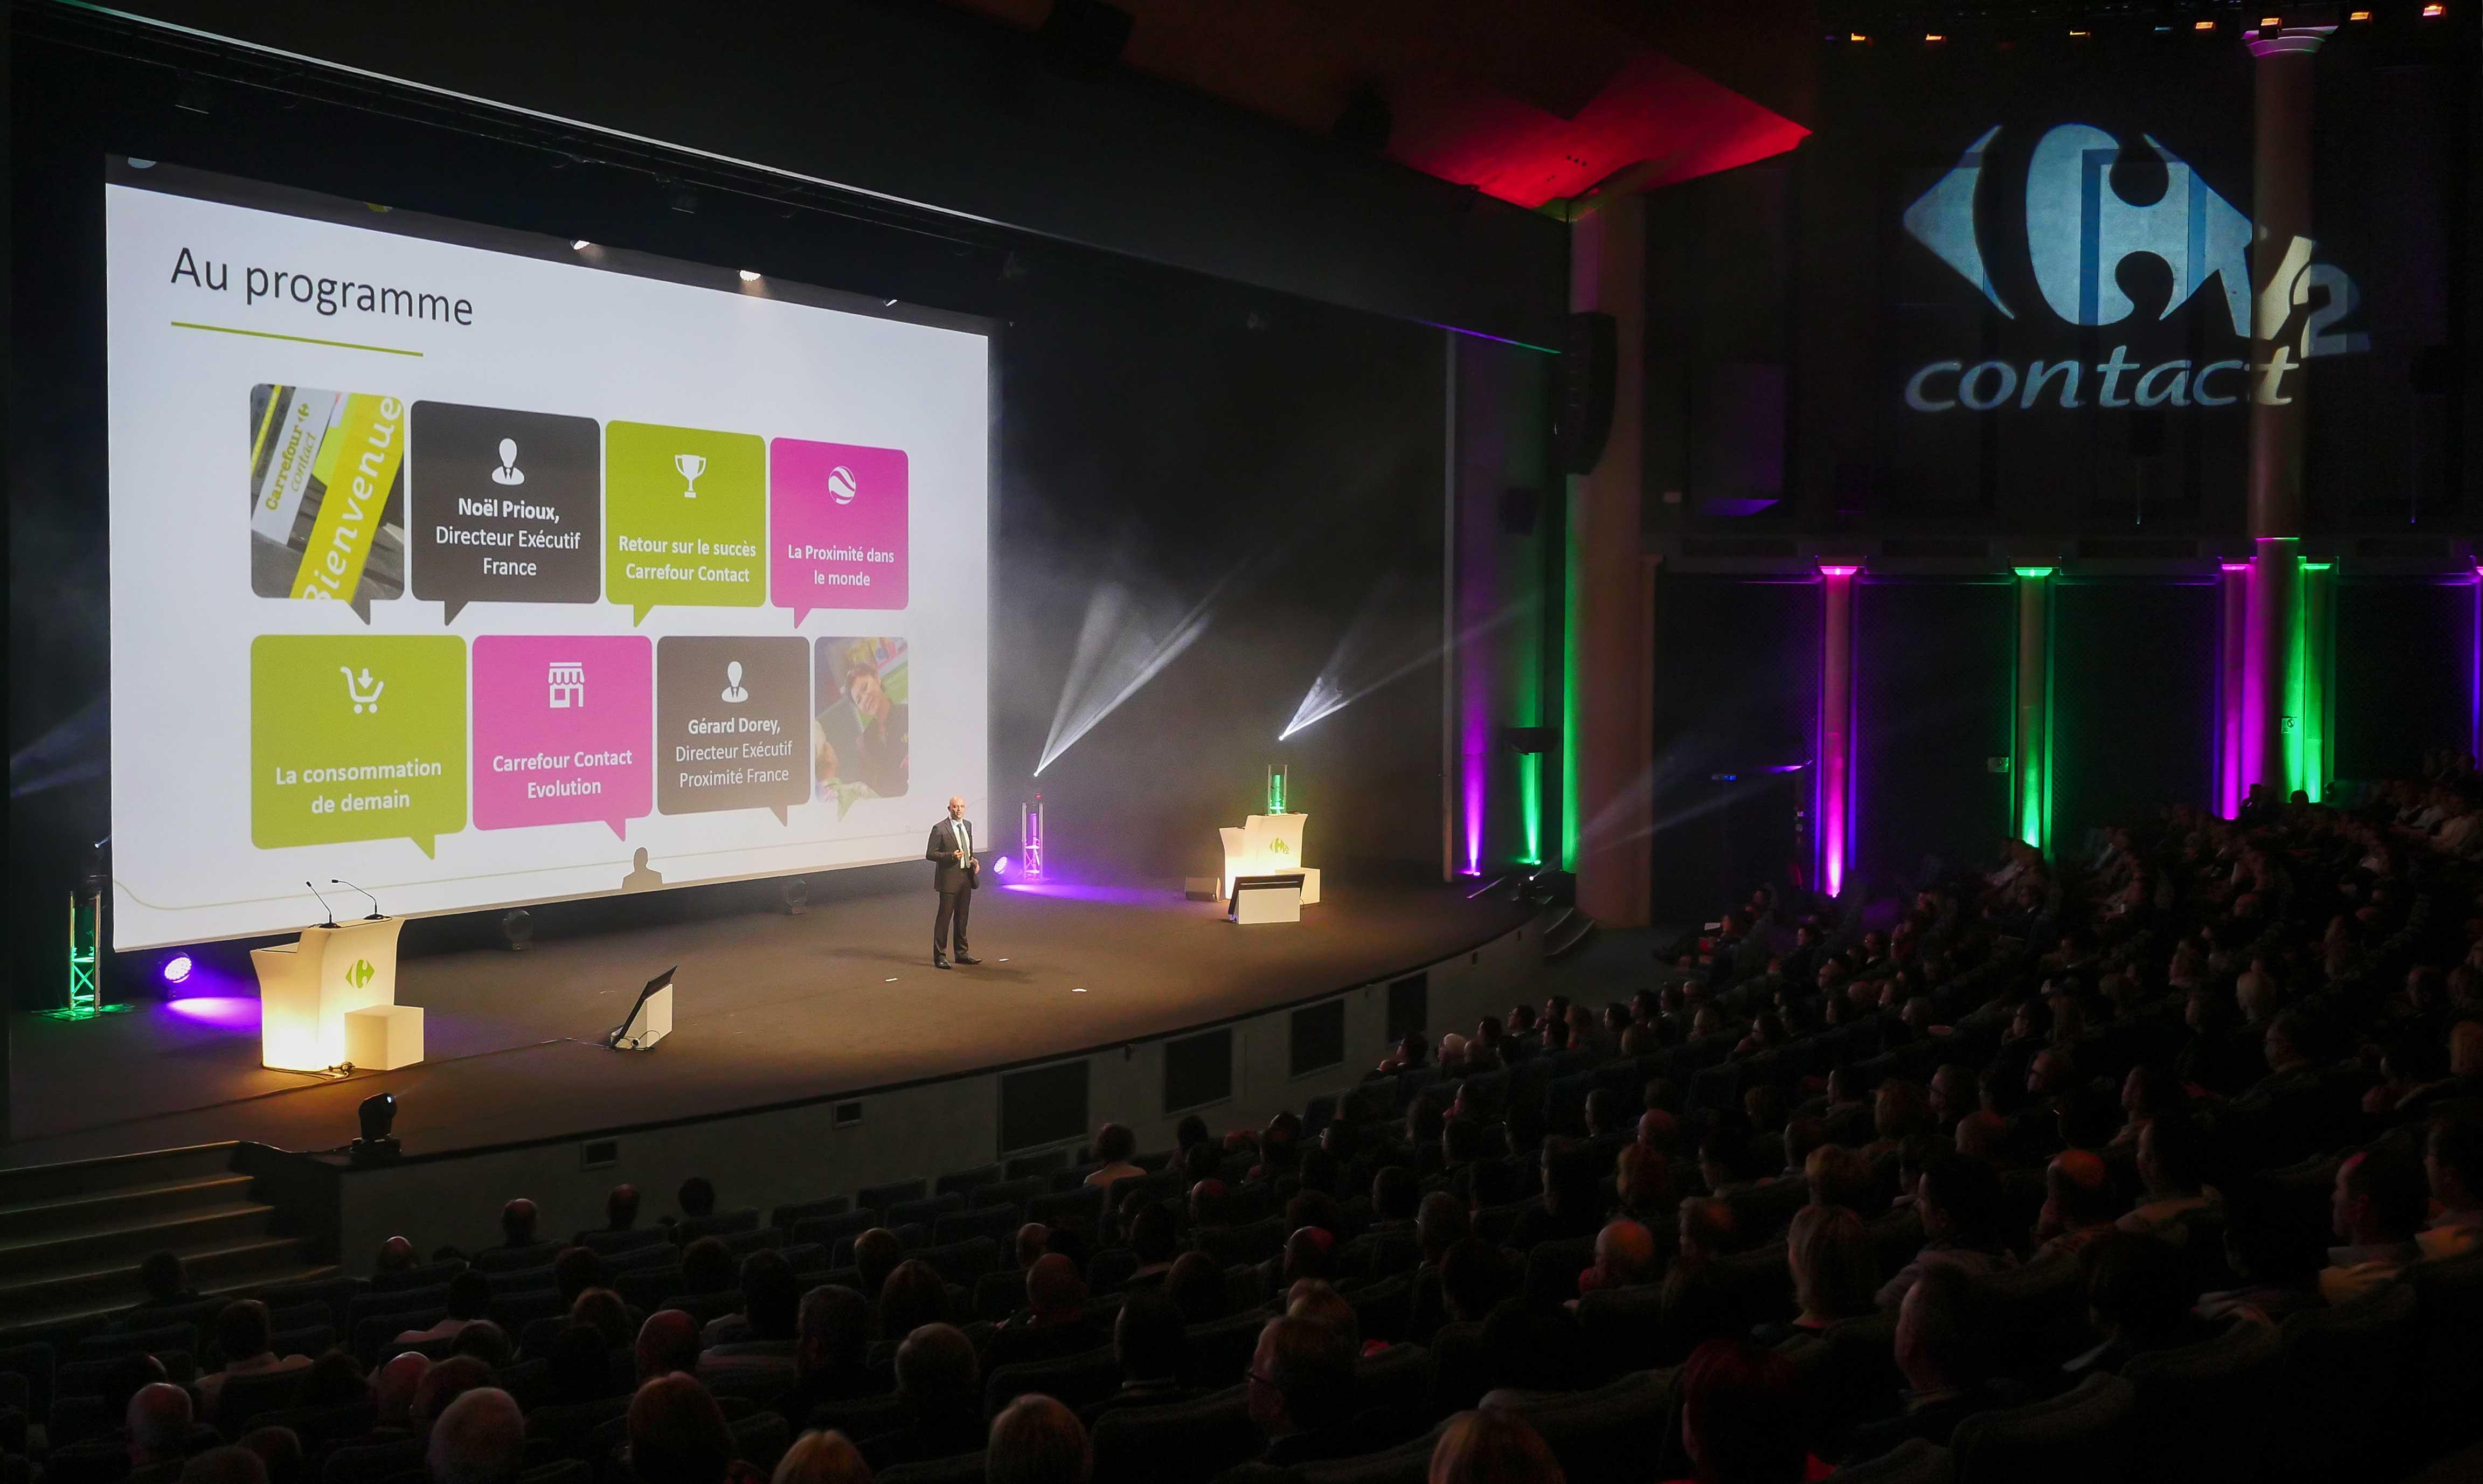 Vidéo projection - Séminaire d'entreprise